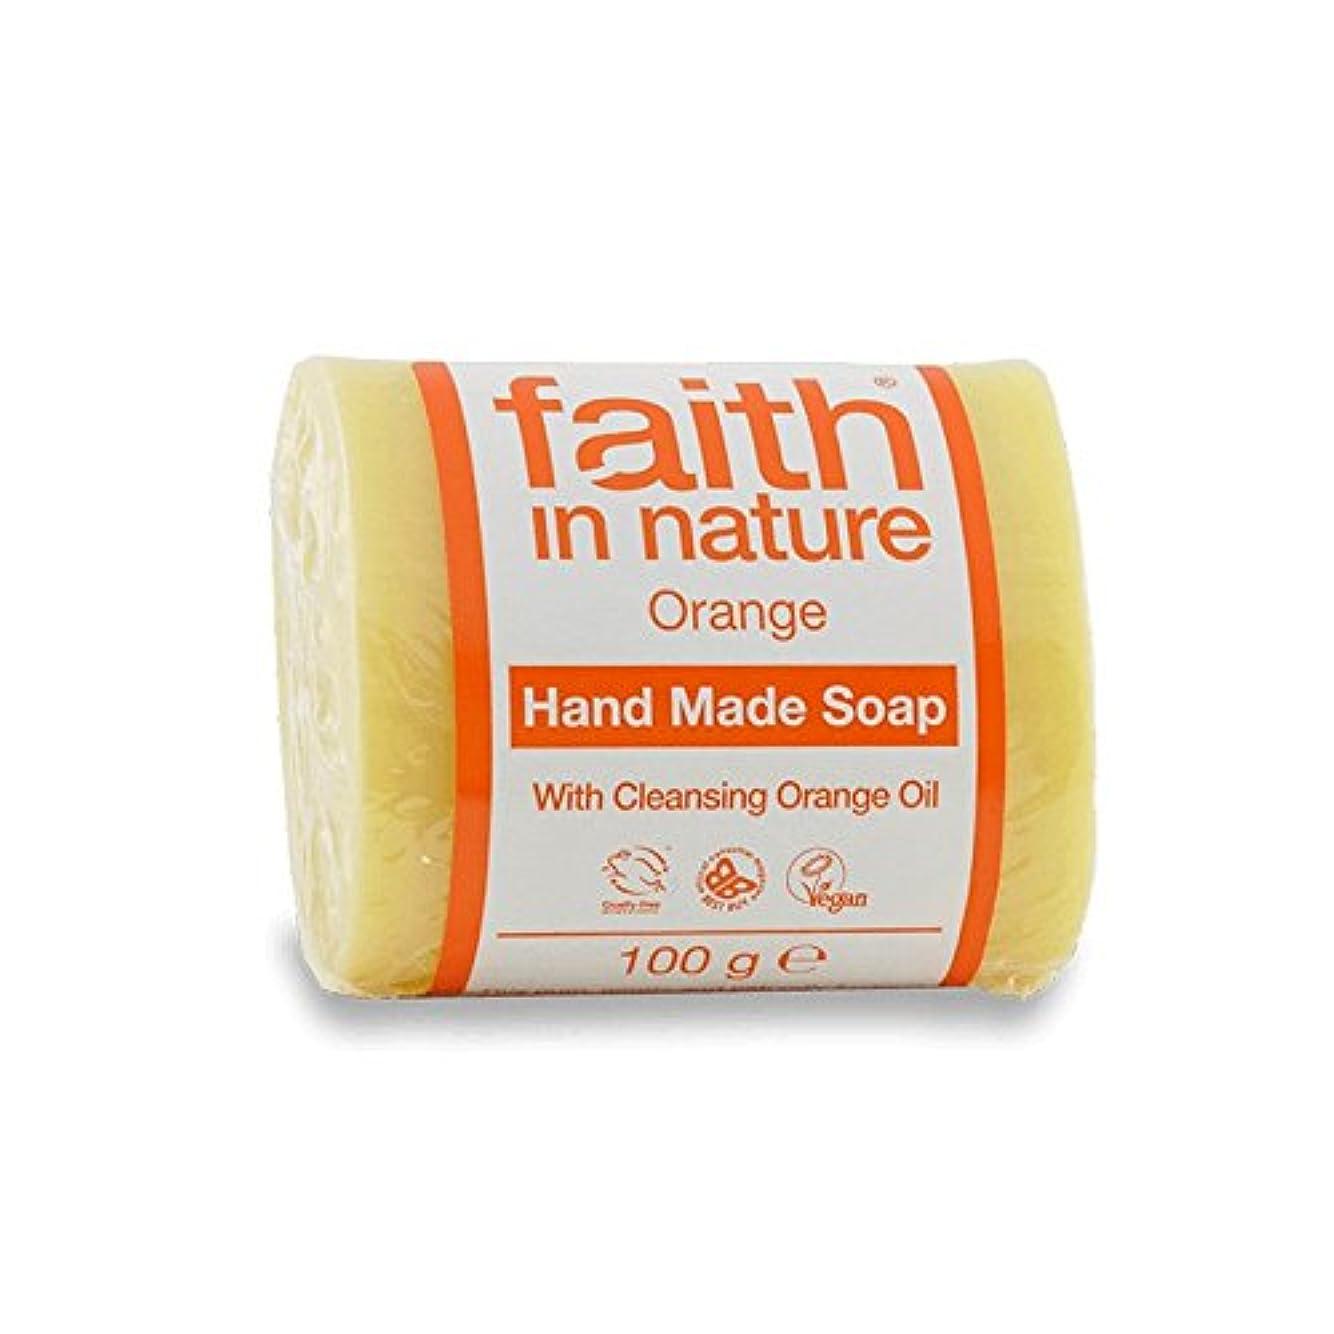 魂どれか株式Faith in Nature Orange Soap 100g (Pack of 2) - 自然オレンジ色の石鹸100グラムの信仰 (x2) [並行輸入品]